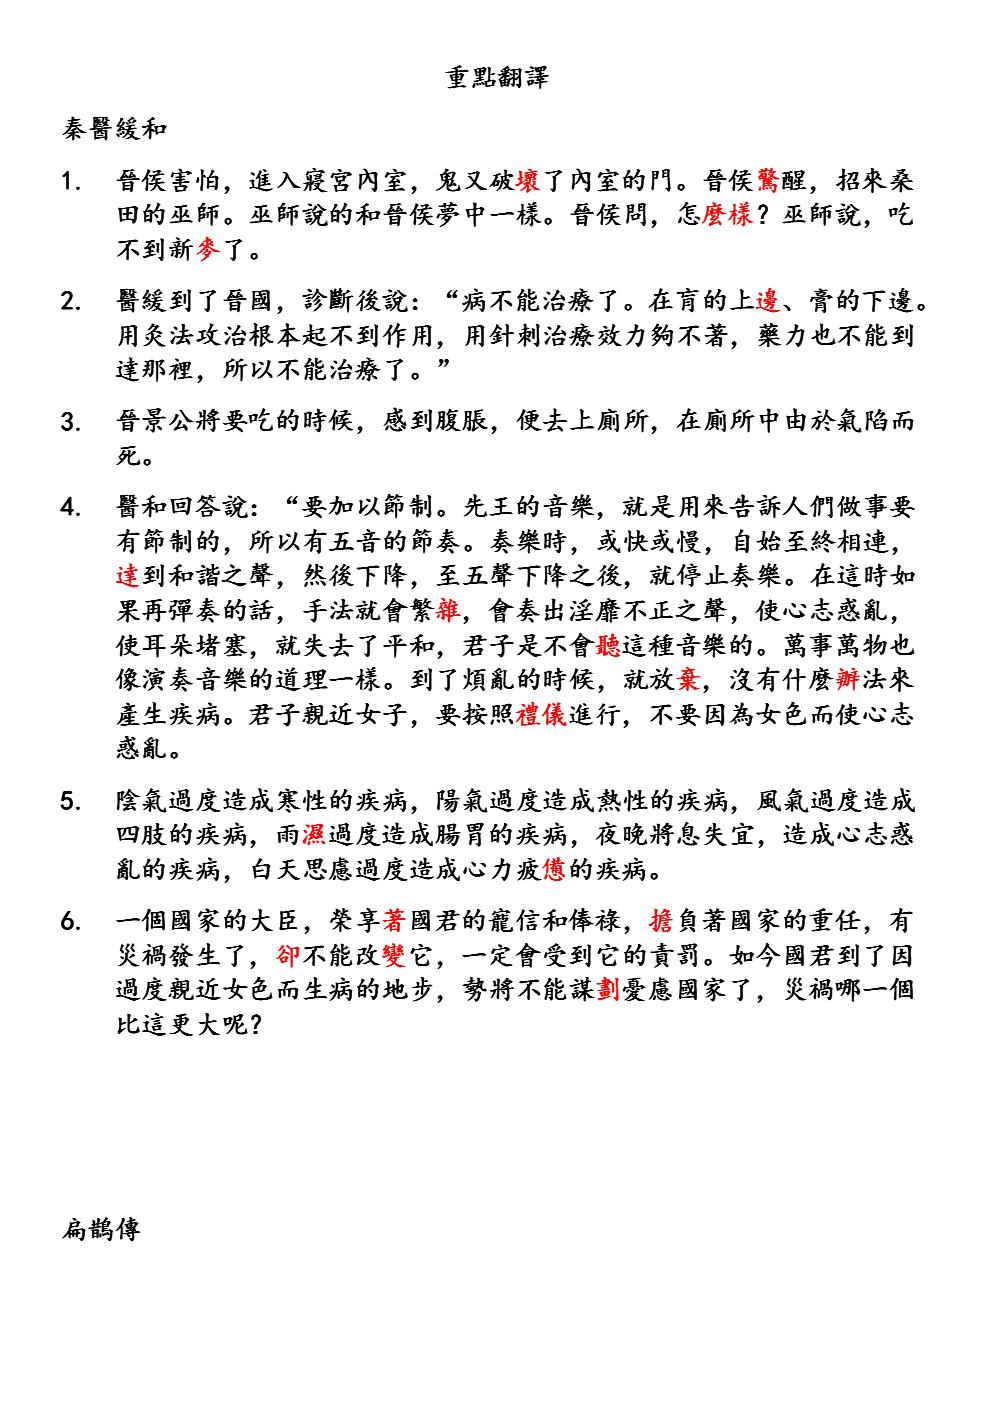 山东中医药大学医古文重点.docx